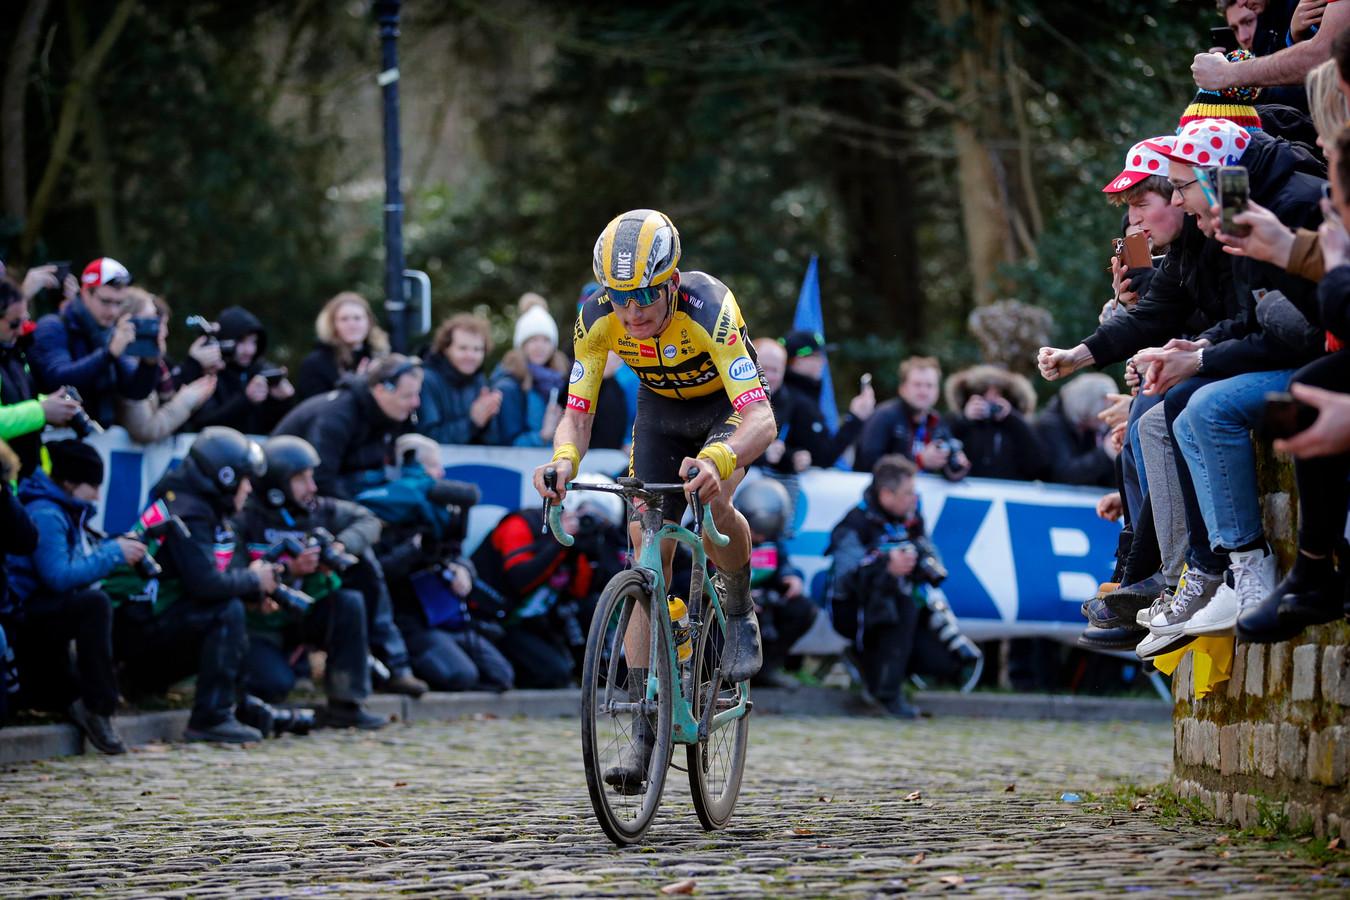 Vorig jaar was er nog volop publiek aanwezig in de Omloop het Nieuwsblad, merkte ook Mike Teunissen.